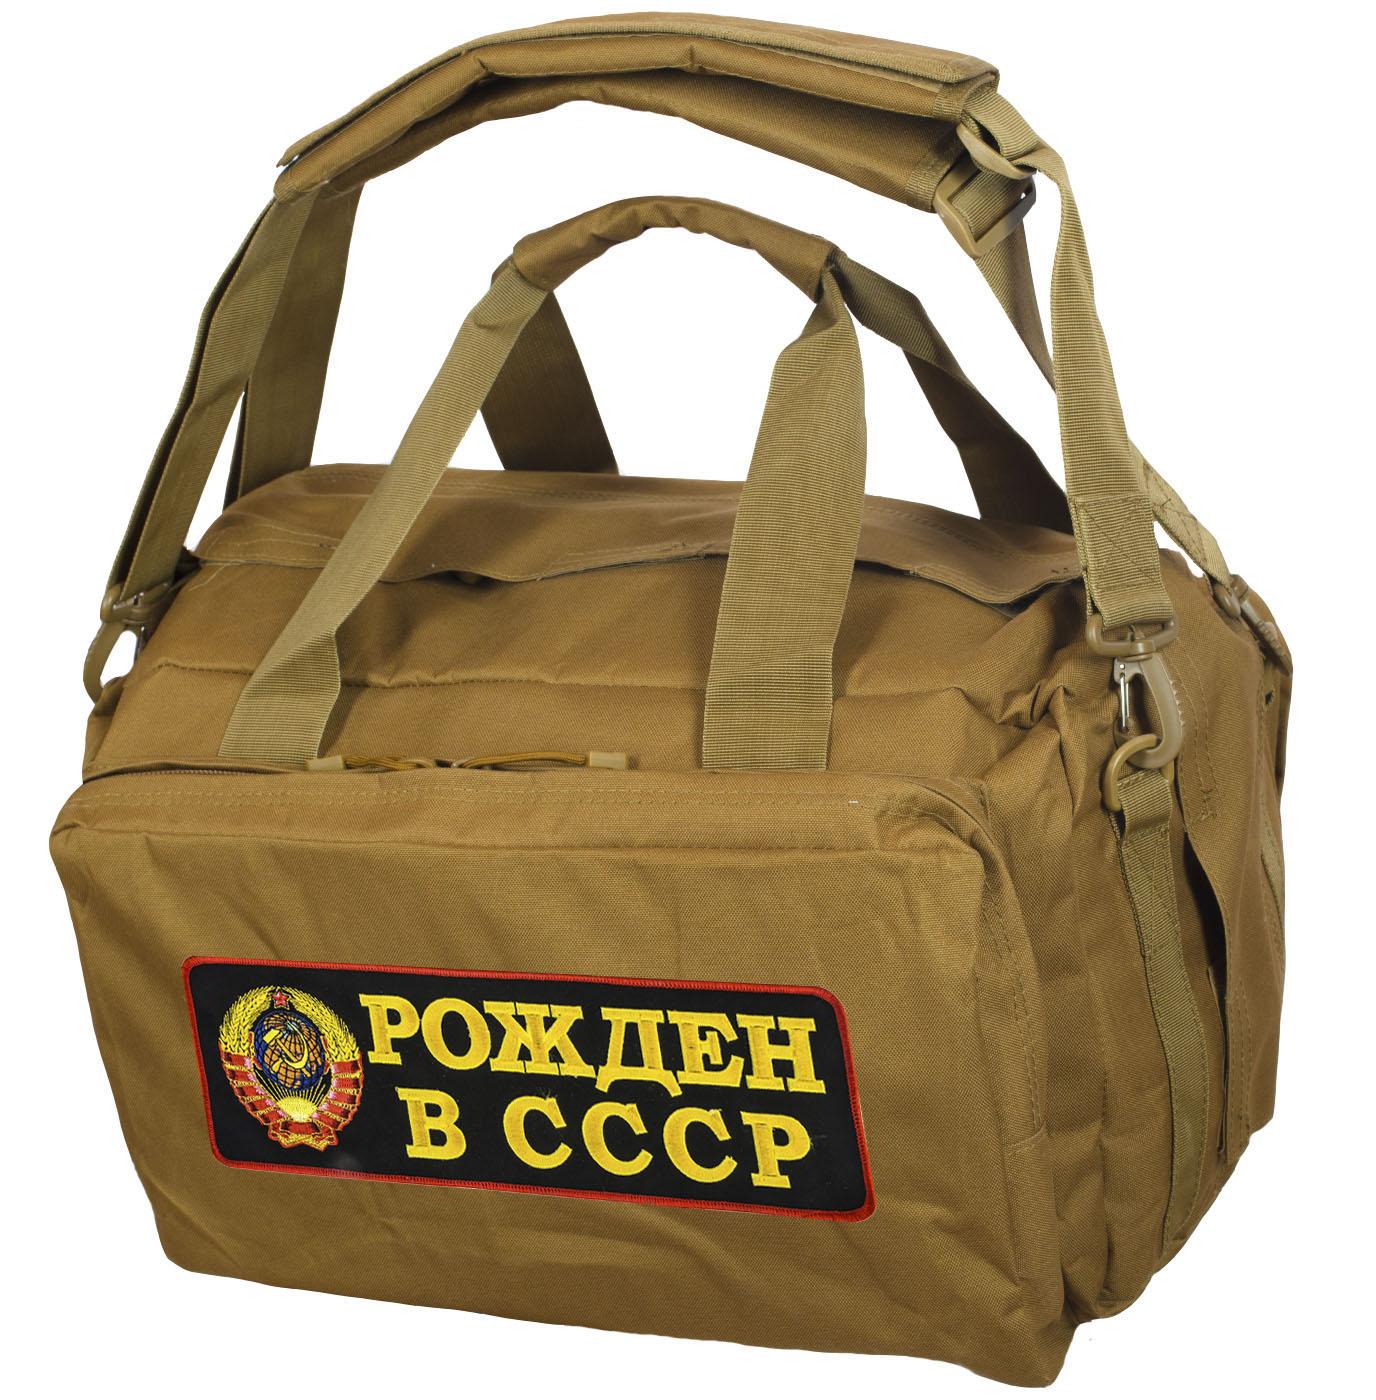 Походная мужская сумка с нашивкой Рожден в СССР - купить по низкой цене